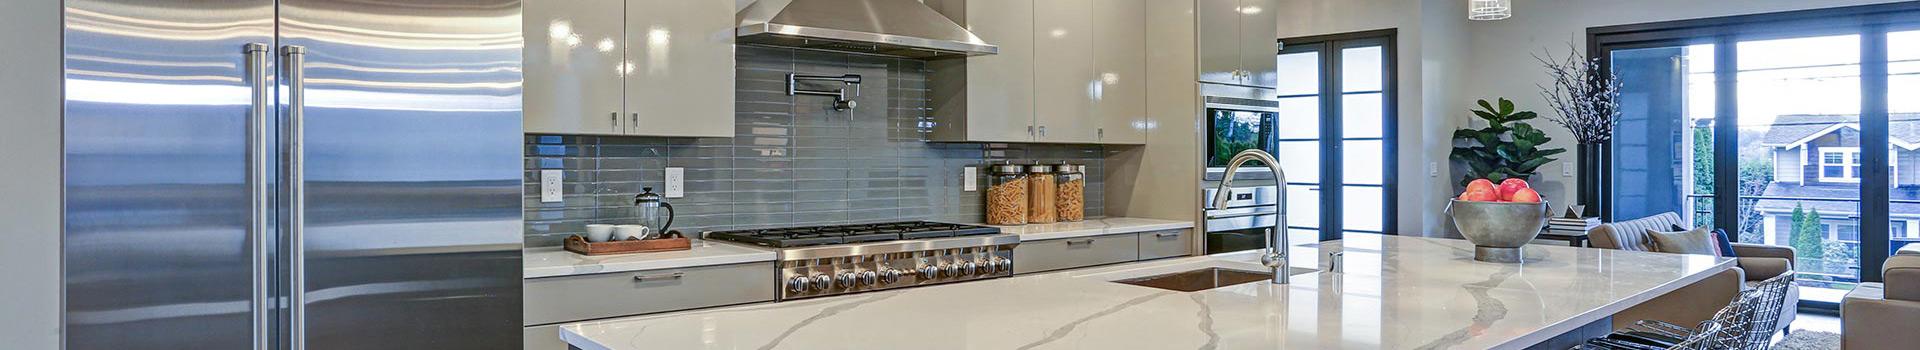 Kitchen Design, Kitchen Cabinets, Kitchen Remodeling in ...